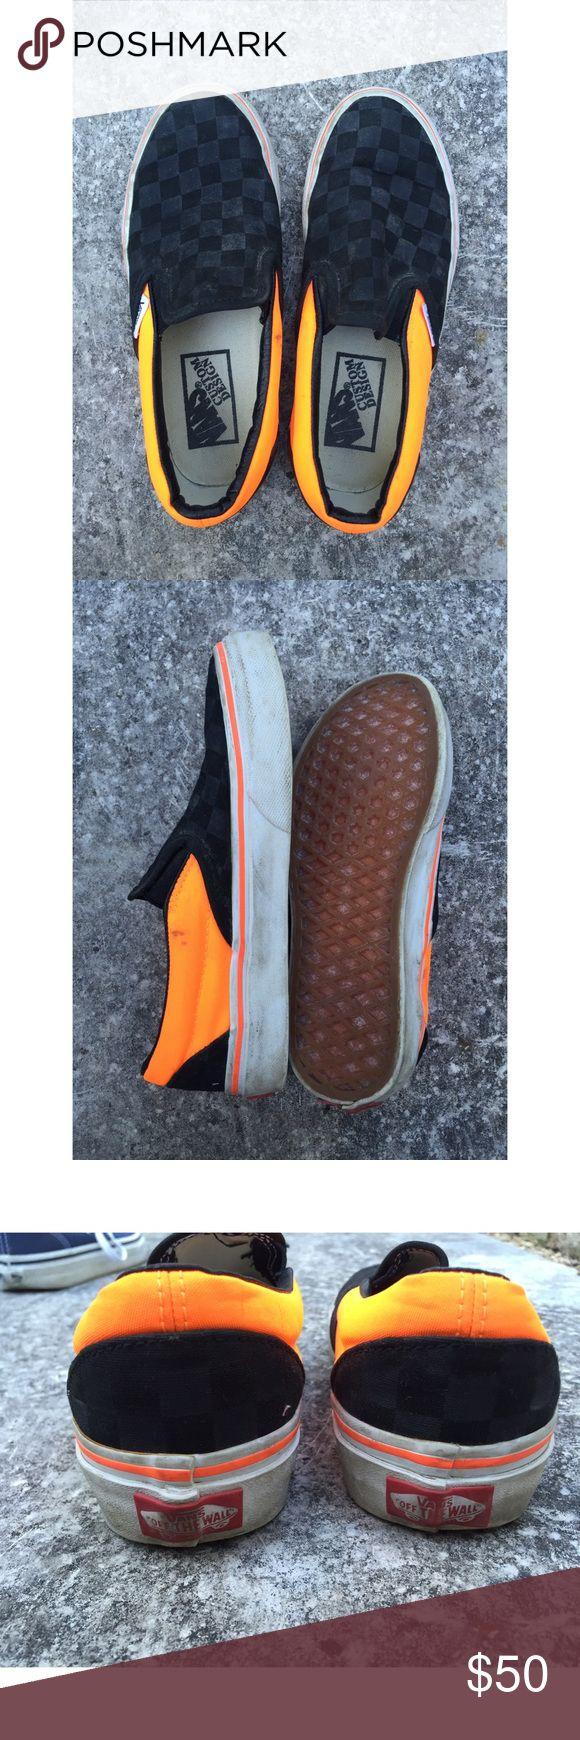 Painted Old Skool Black Vans Shoe Au